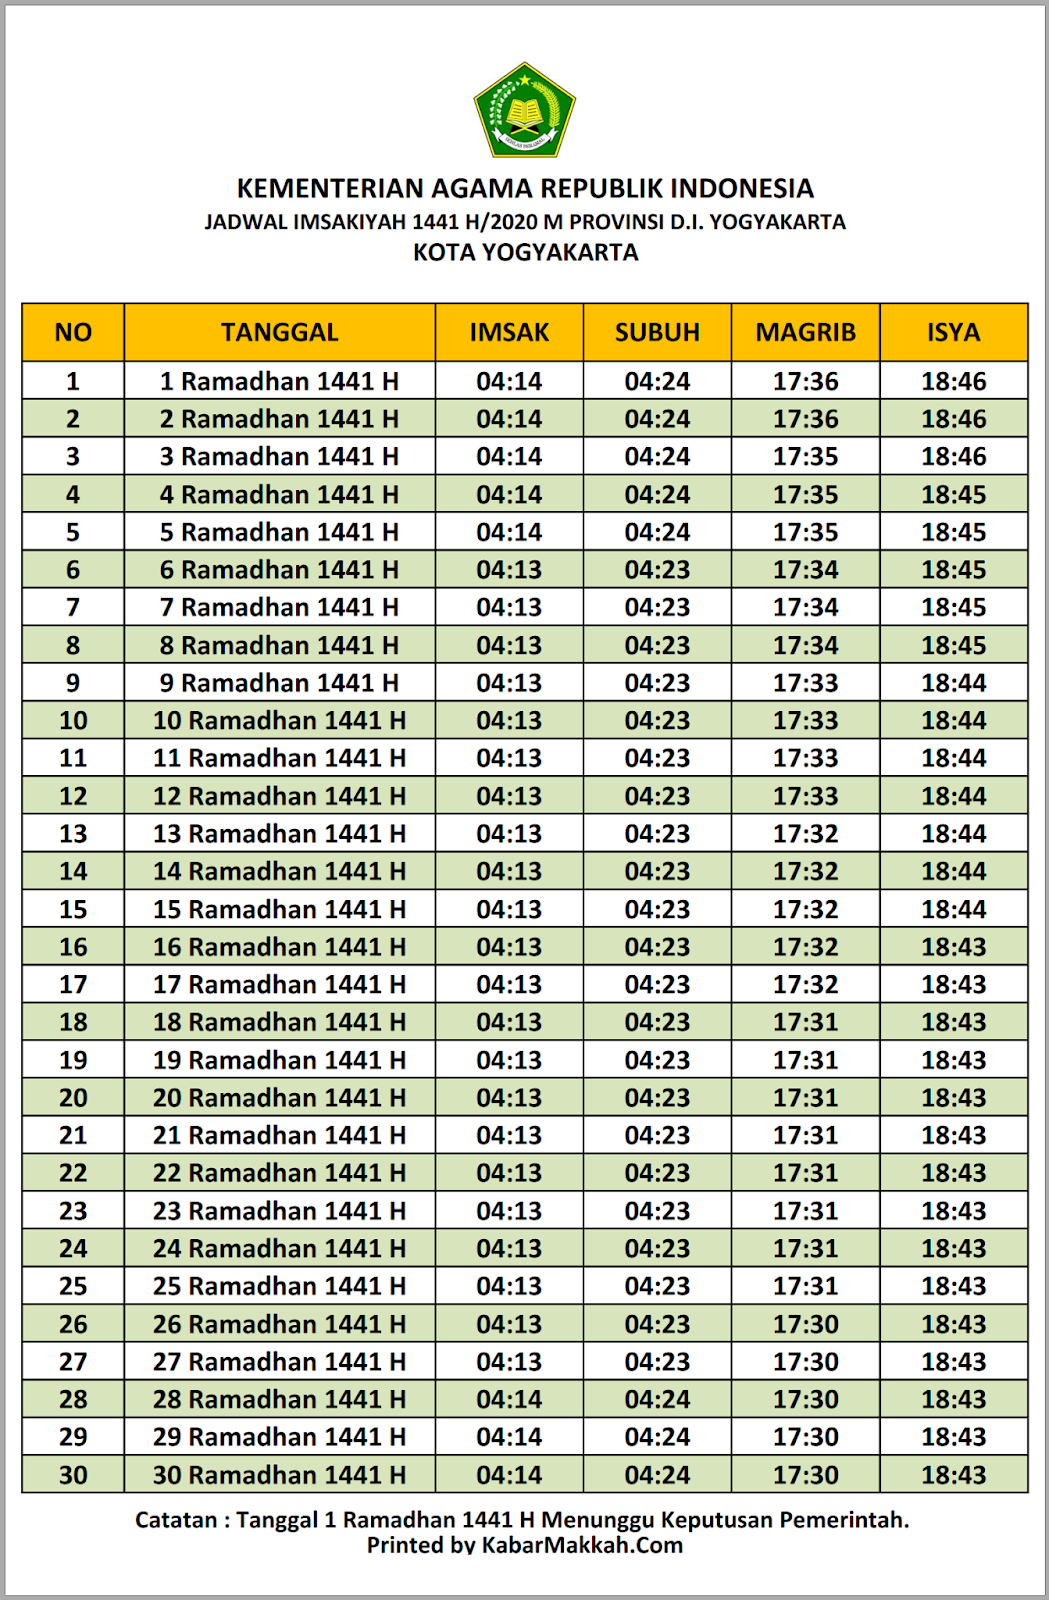 Jadwal Imsakiyah Yogyakarta 2020